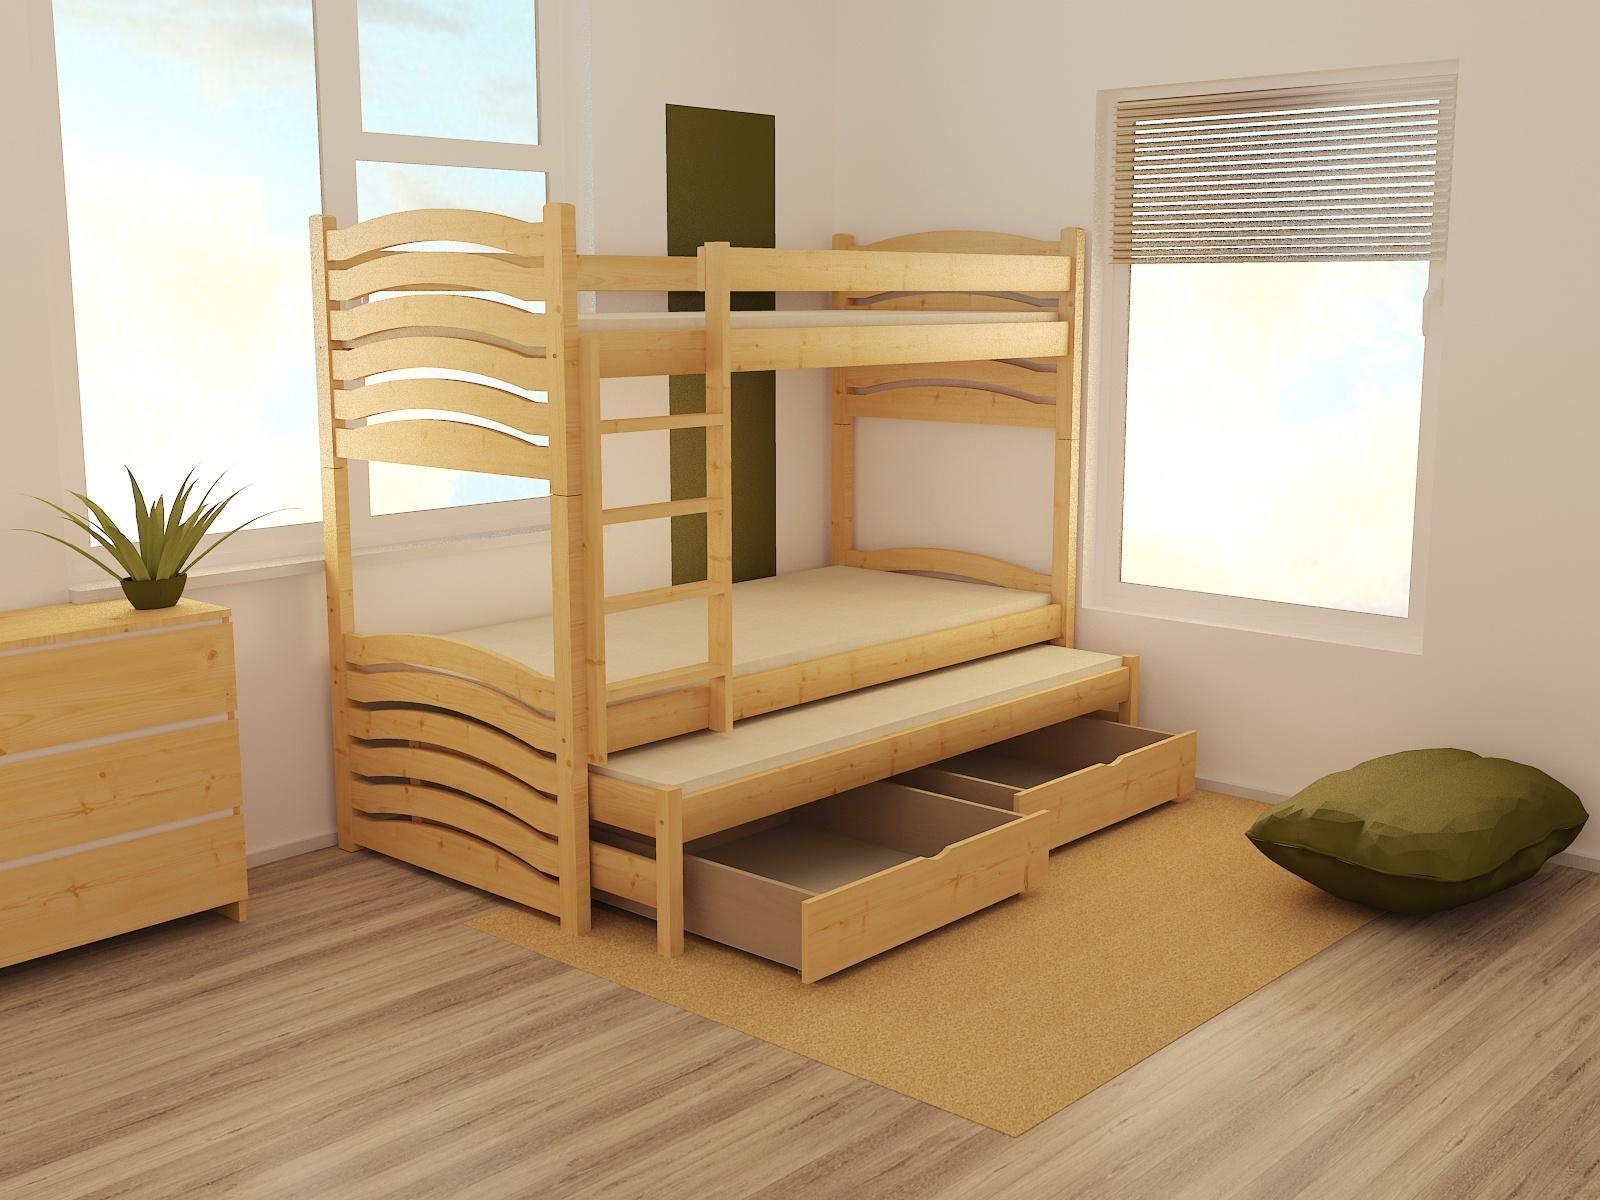 MAXMAX Detská poschodová posteľ s prístelkou z MASÍVU 180x80cm so zásuvkou - PPV021